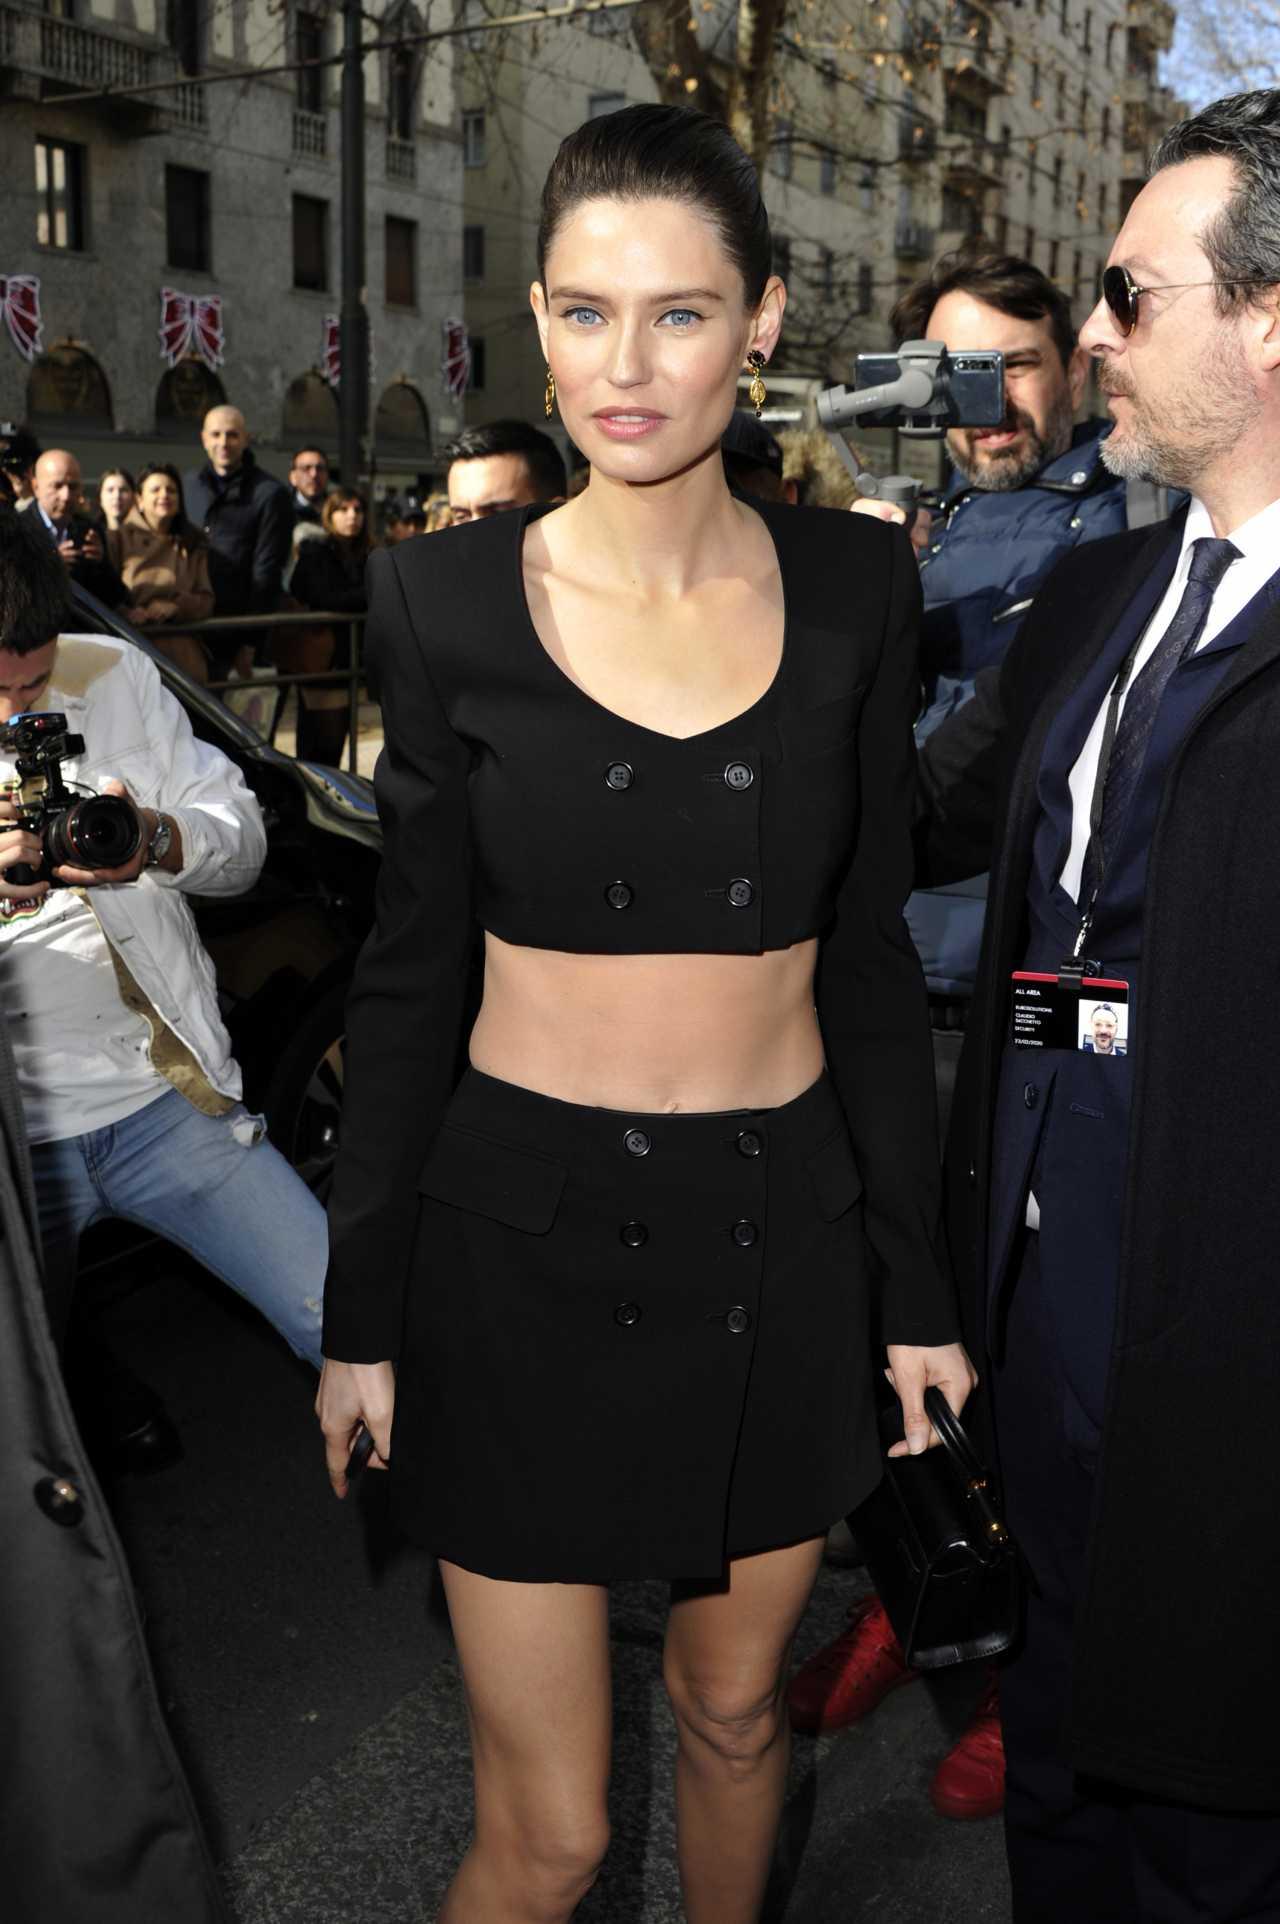 Bianca Balti - Spotted during Milan Fashion Week